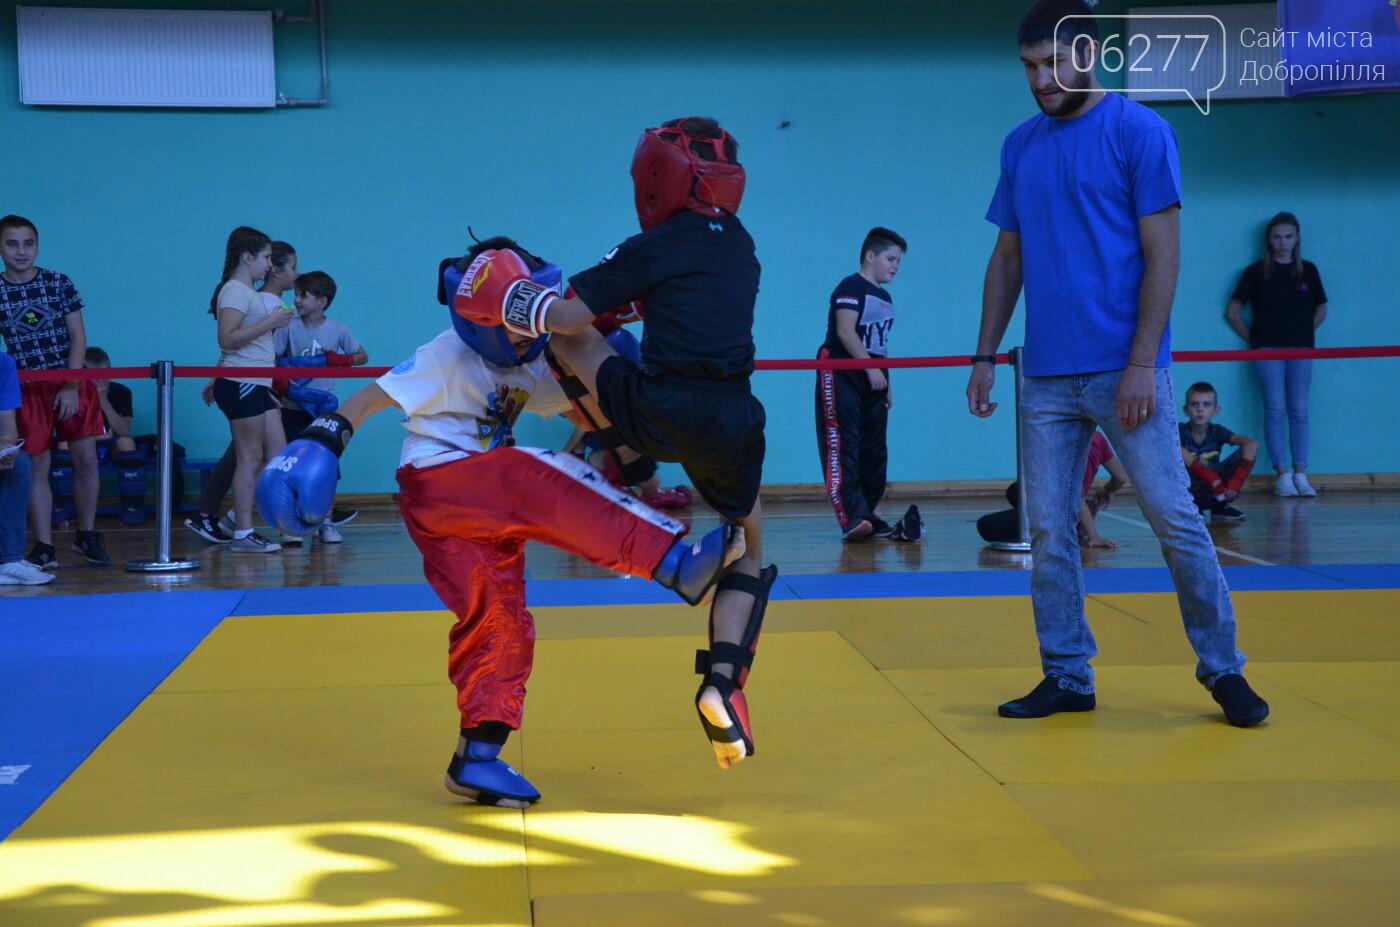 Турнір з кікбоксингу відбувся у Палаці спорту Добропілля, фото-3